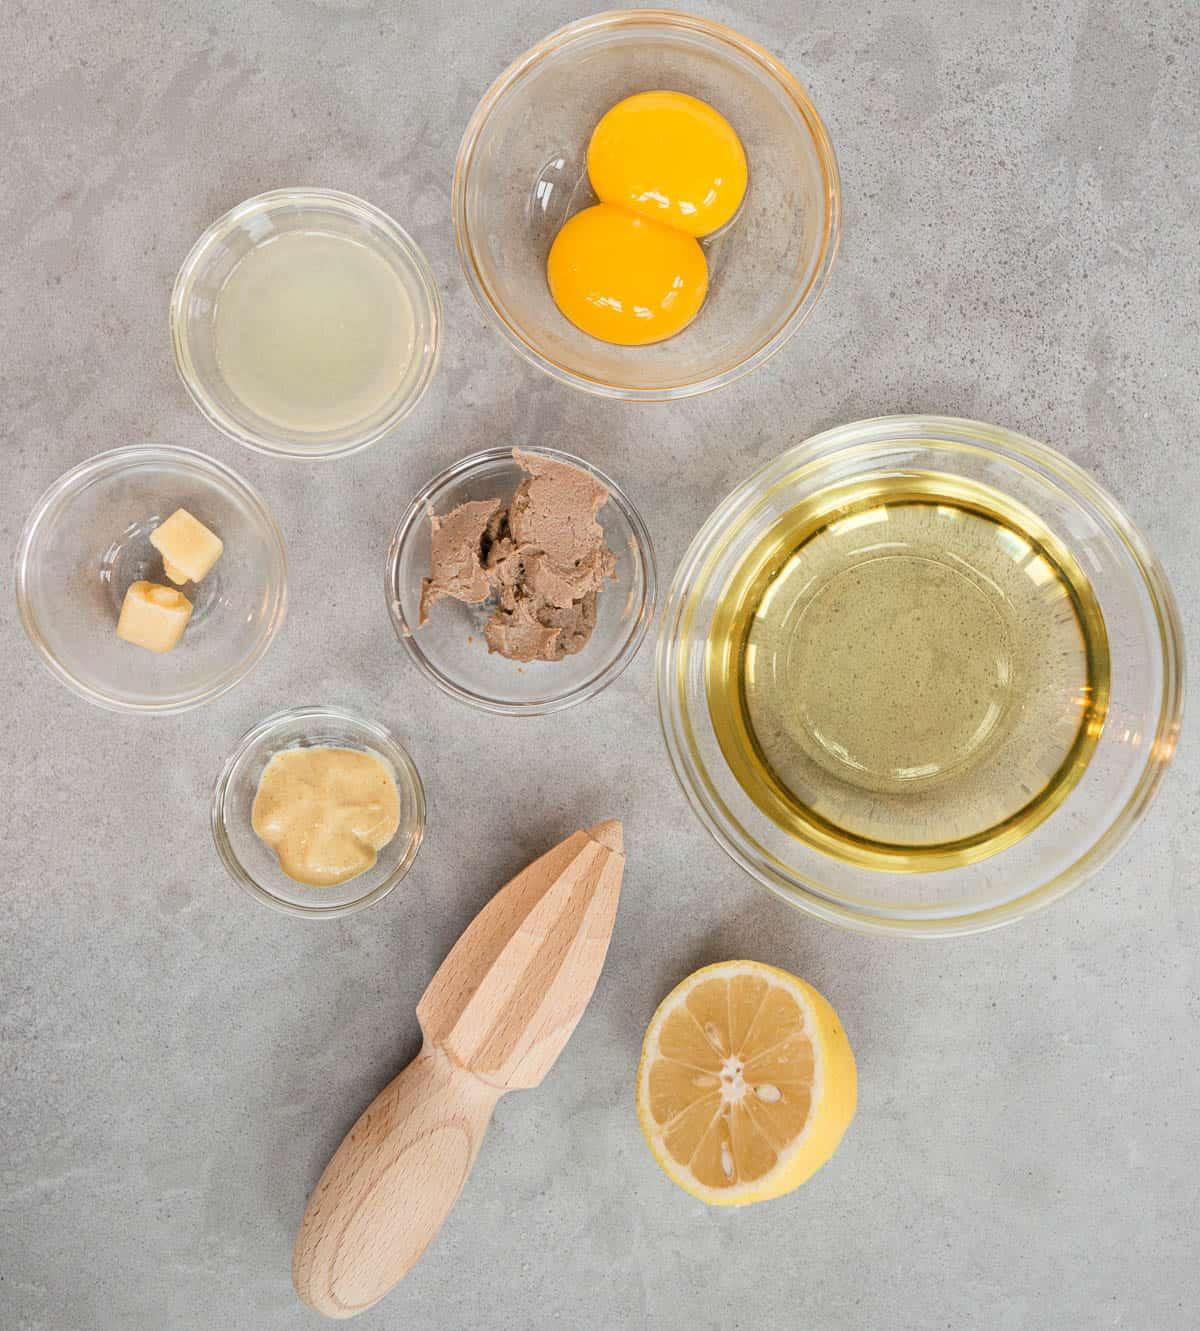 ingredients to make Caesar Salad Dressing